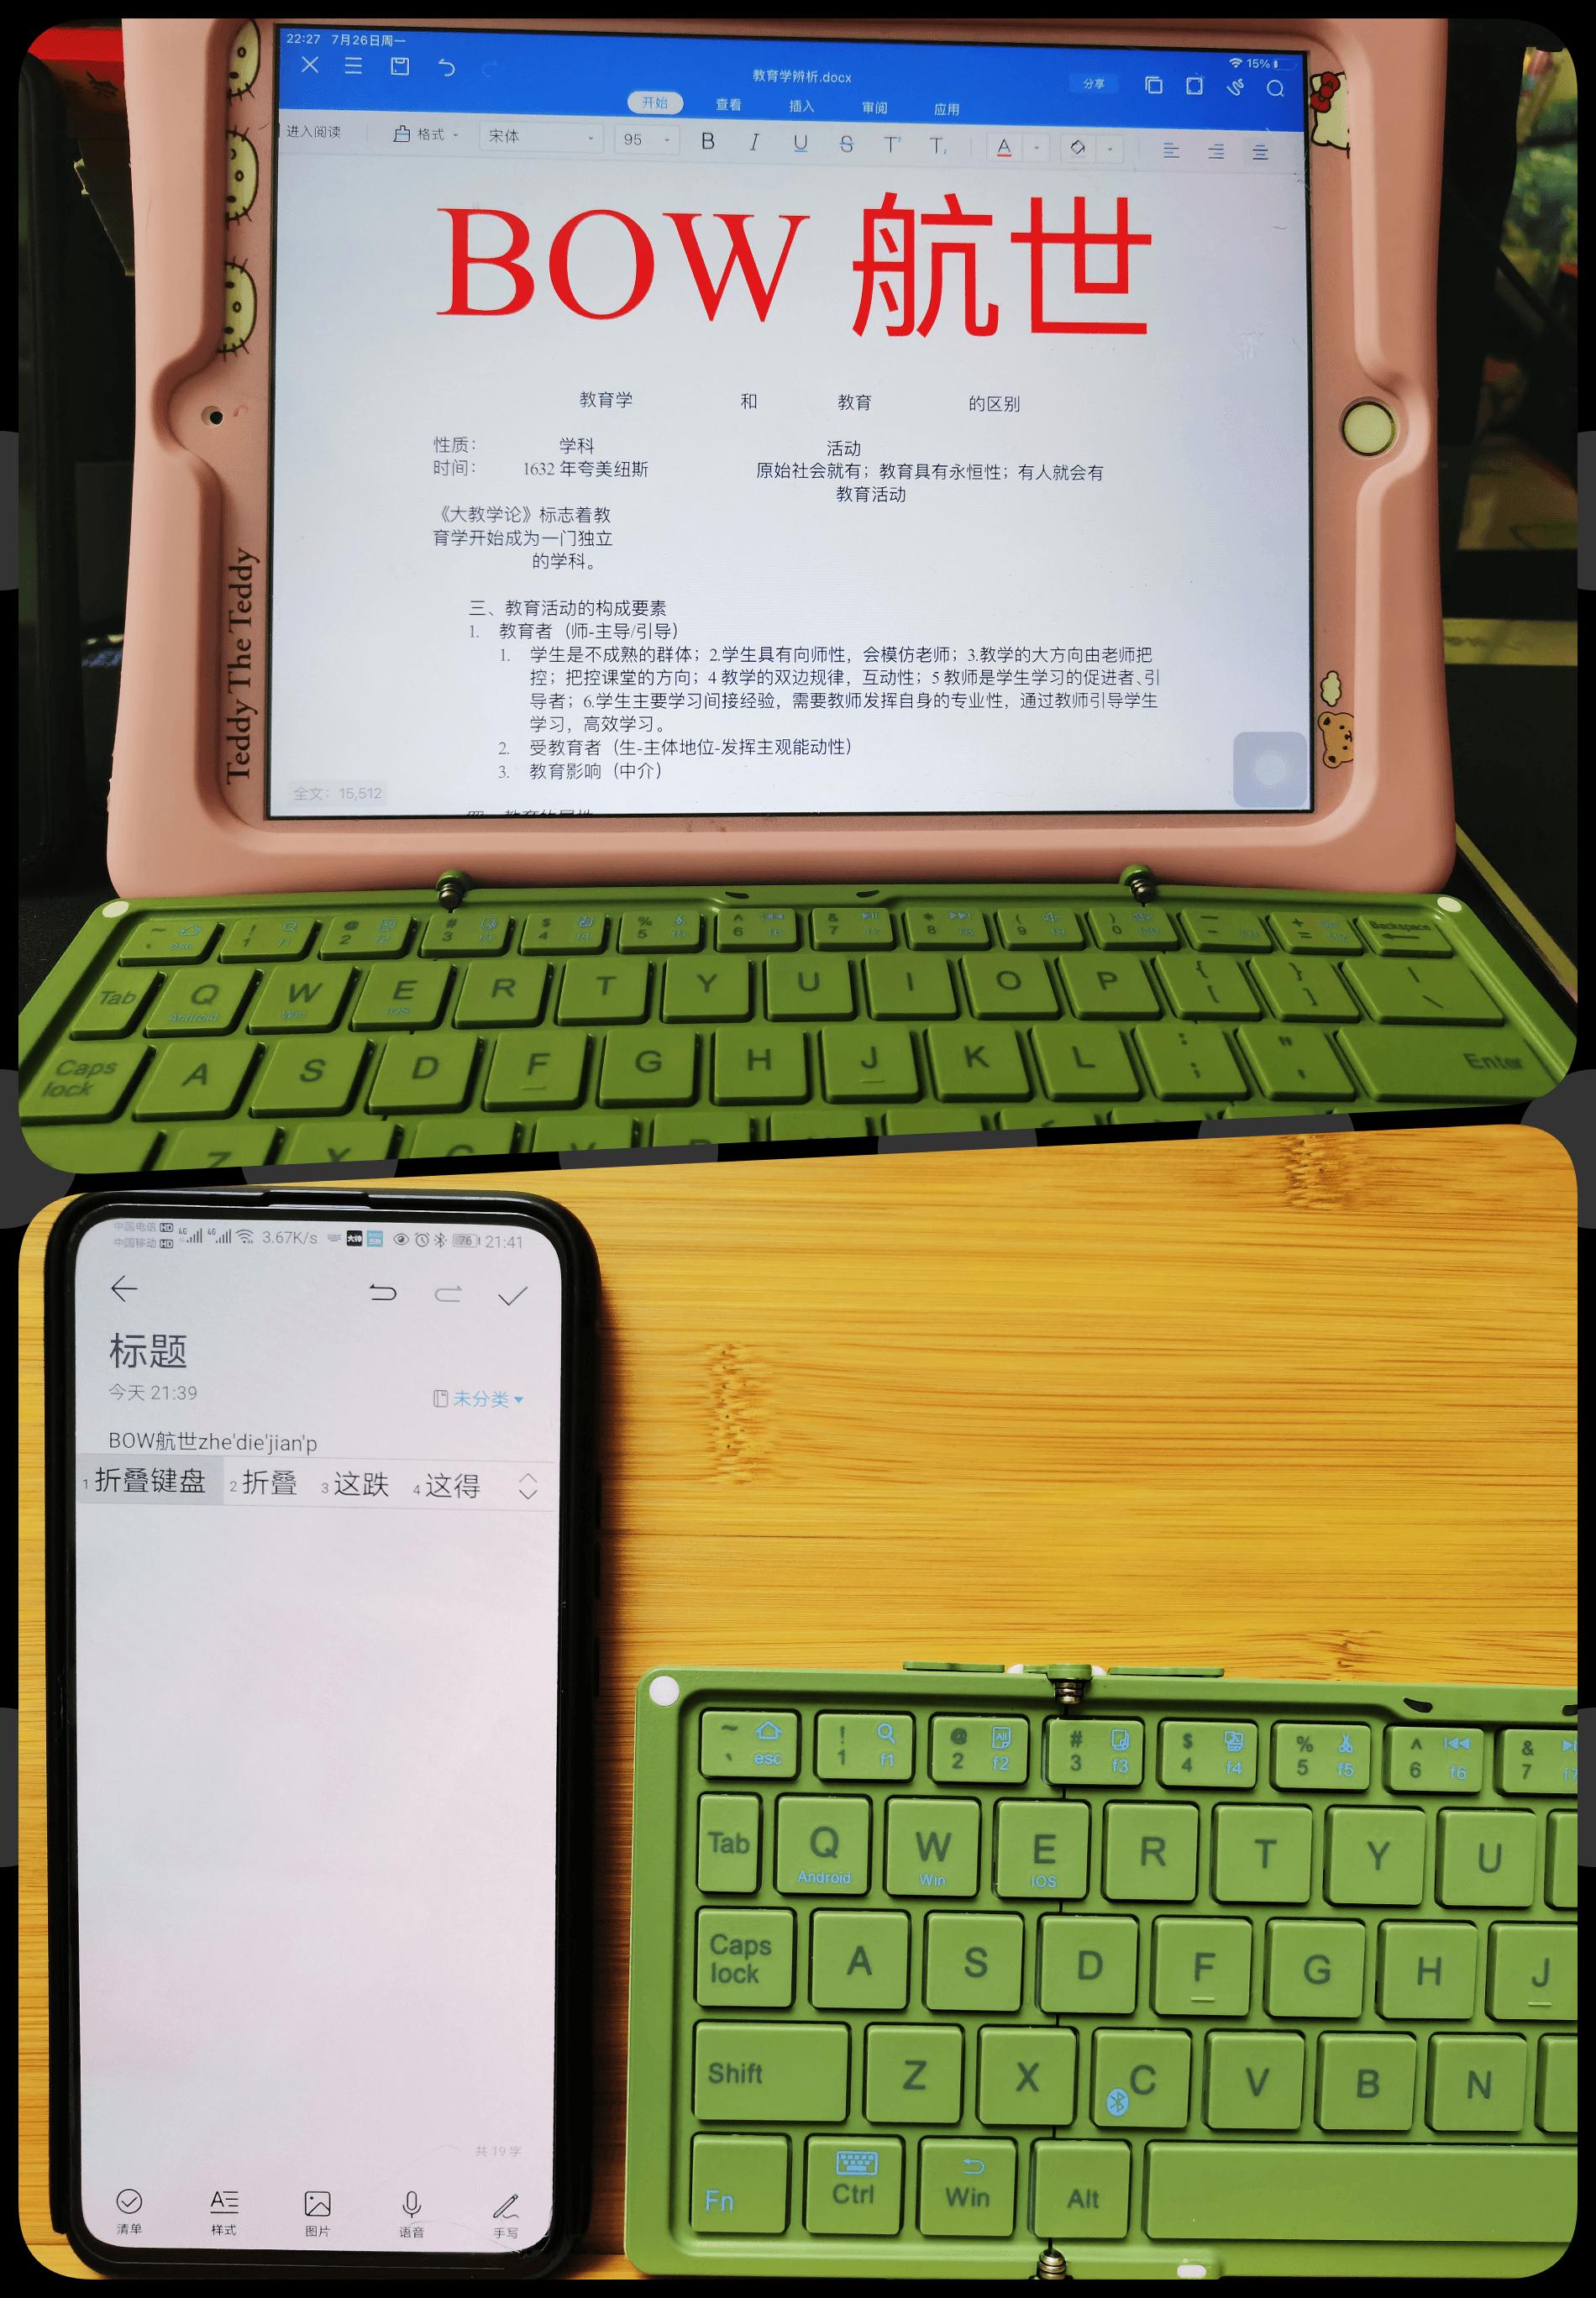 口袋键盘,说走就走-BOW折叠键盘